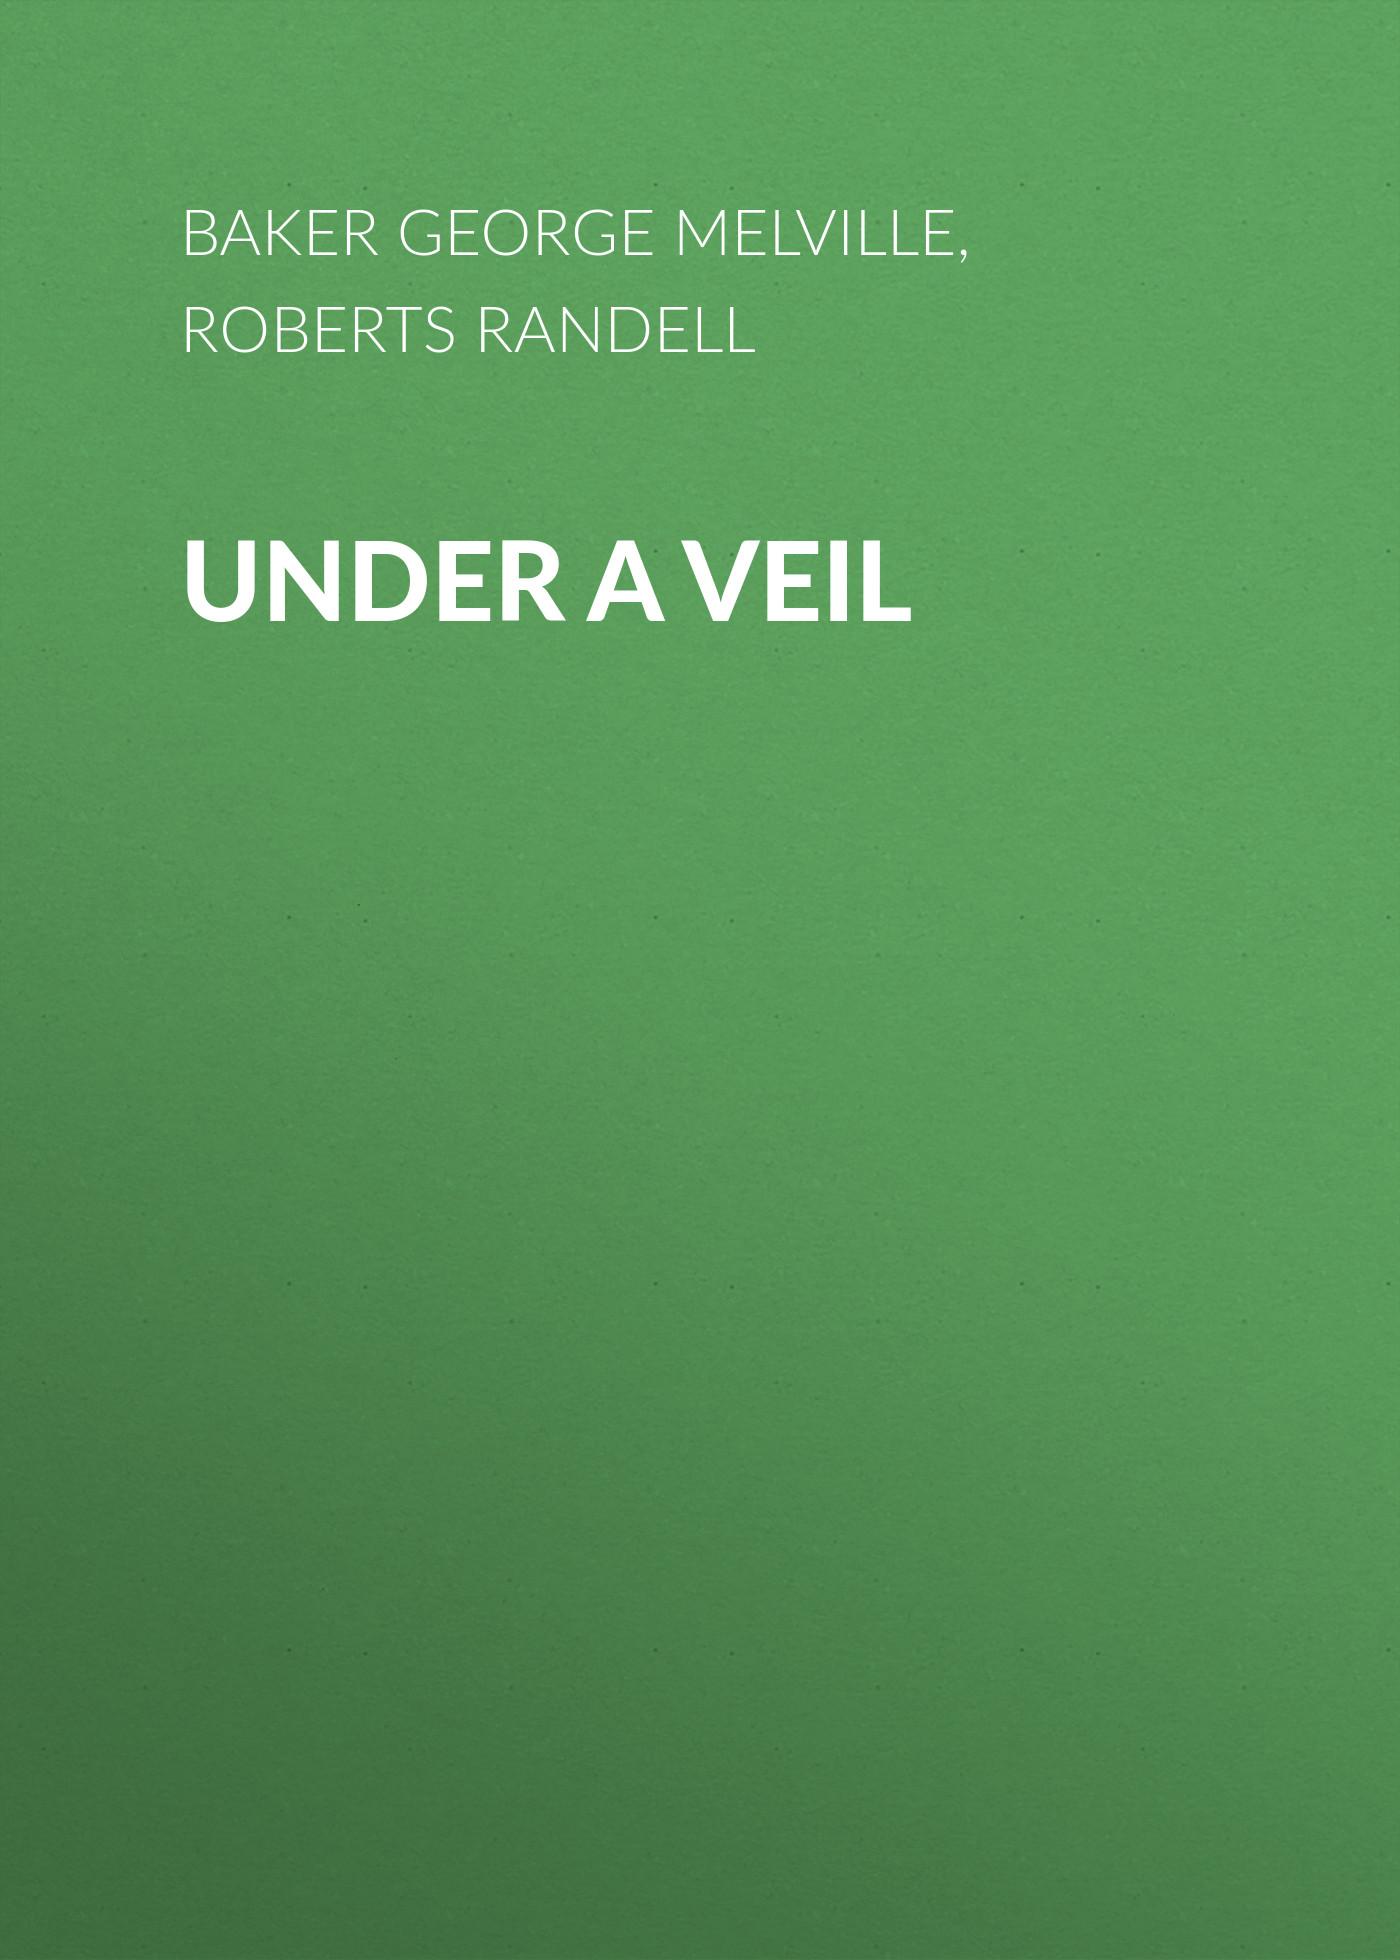 Under a Veil